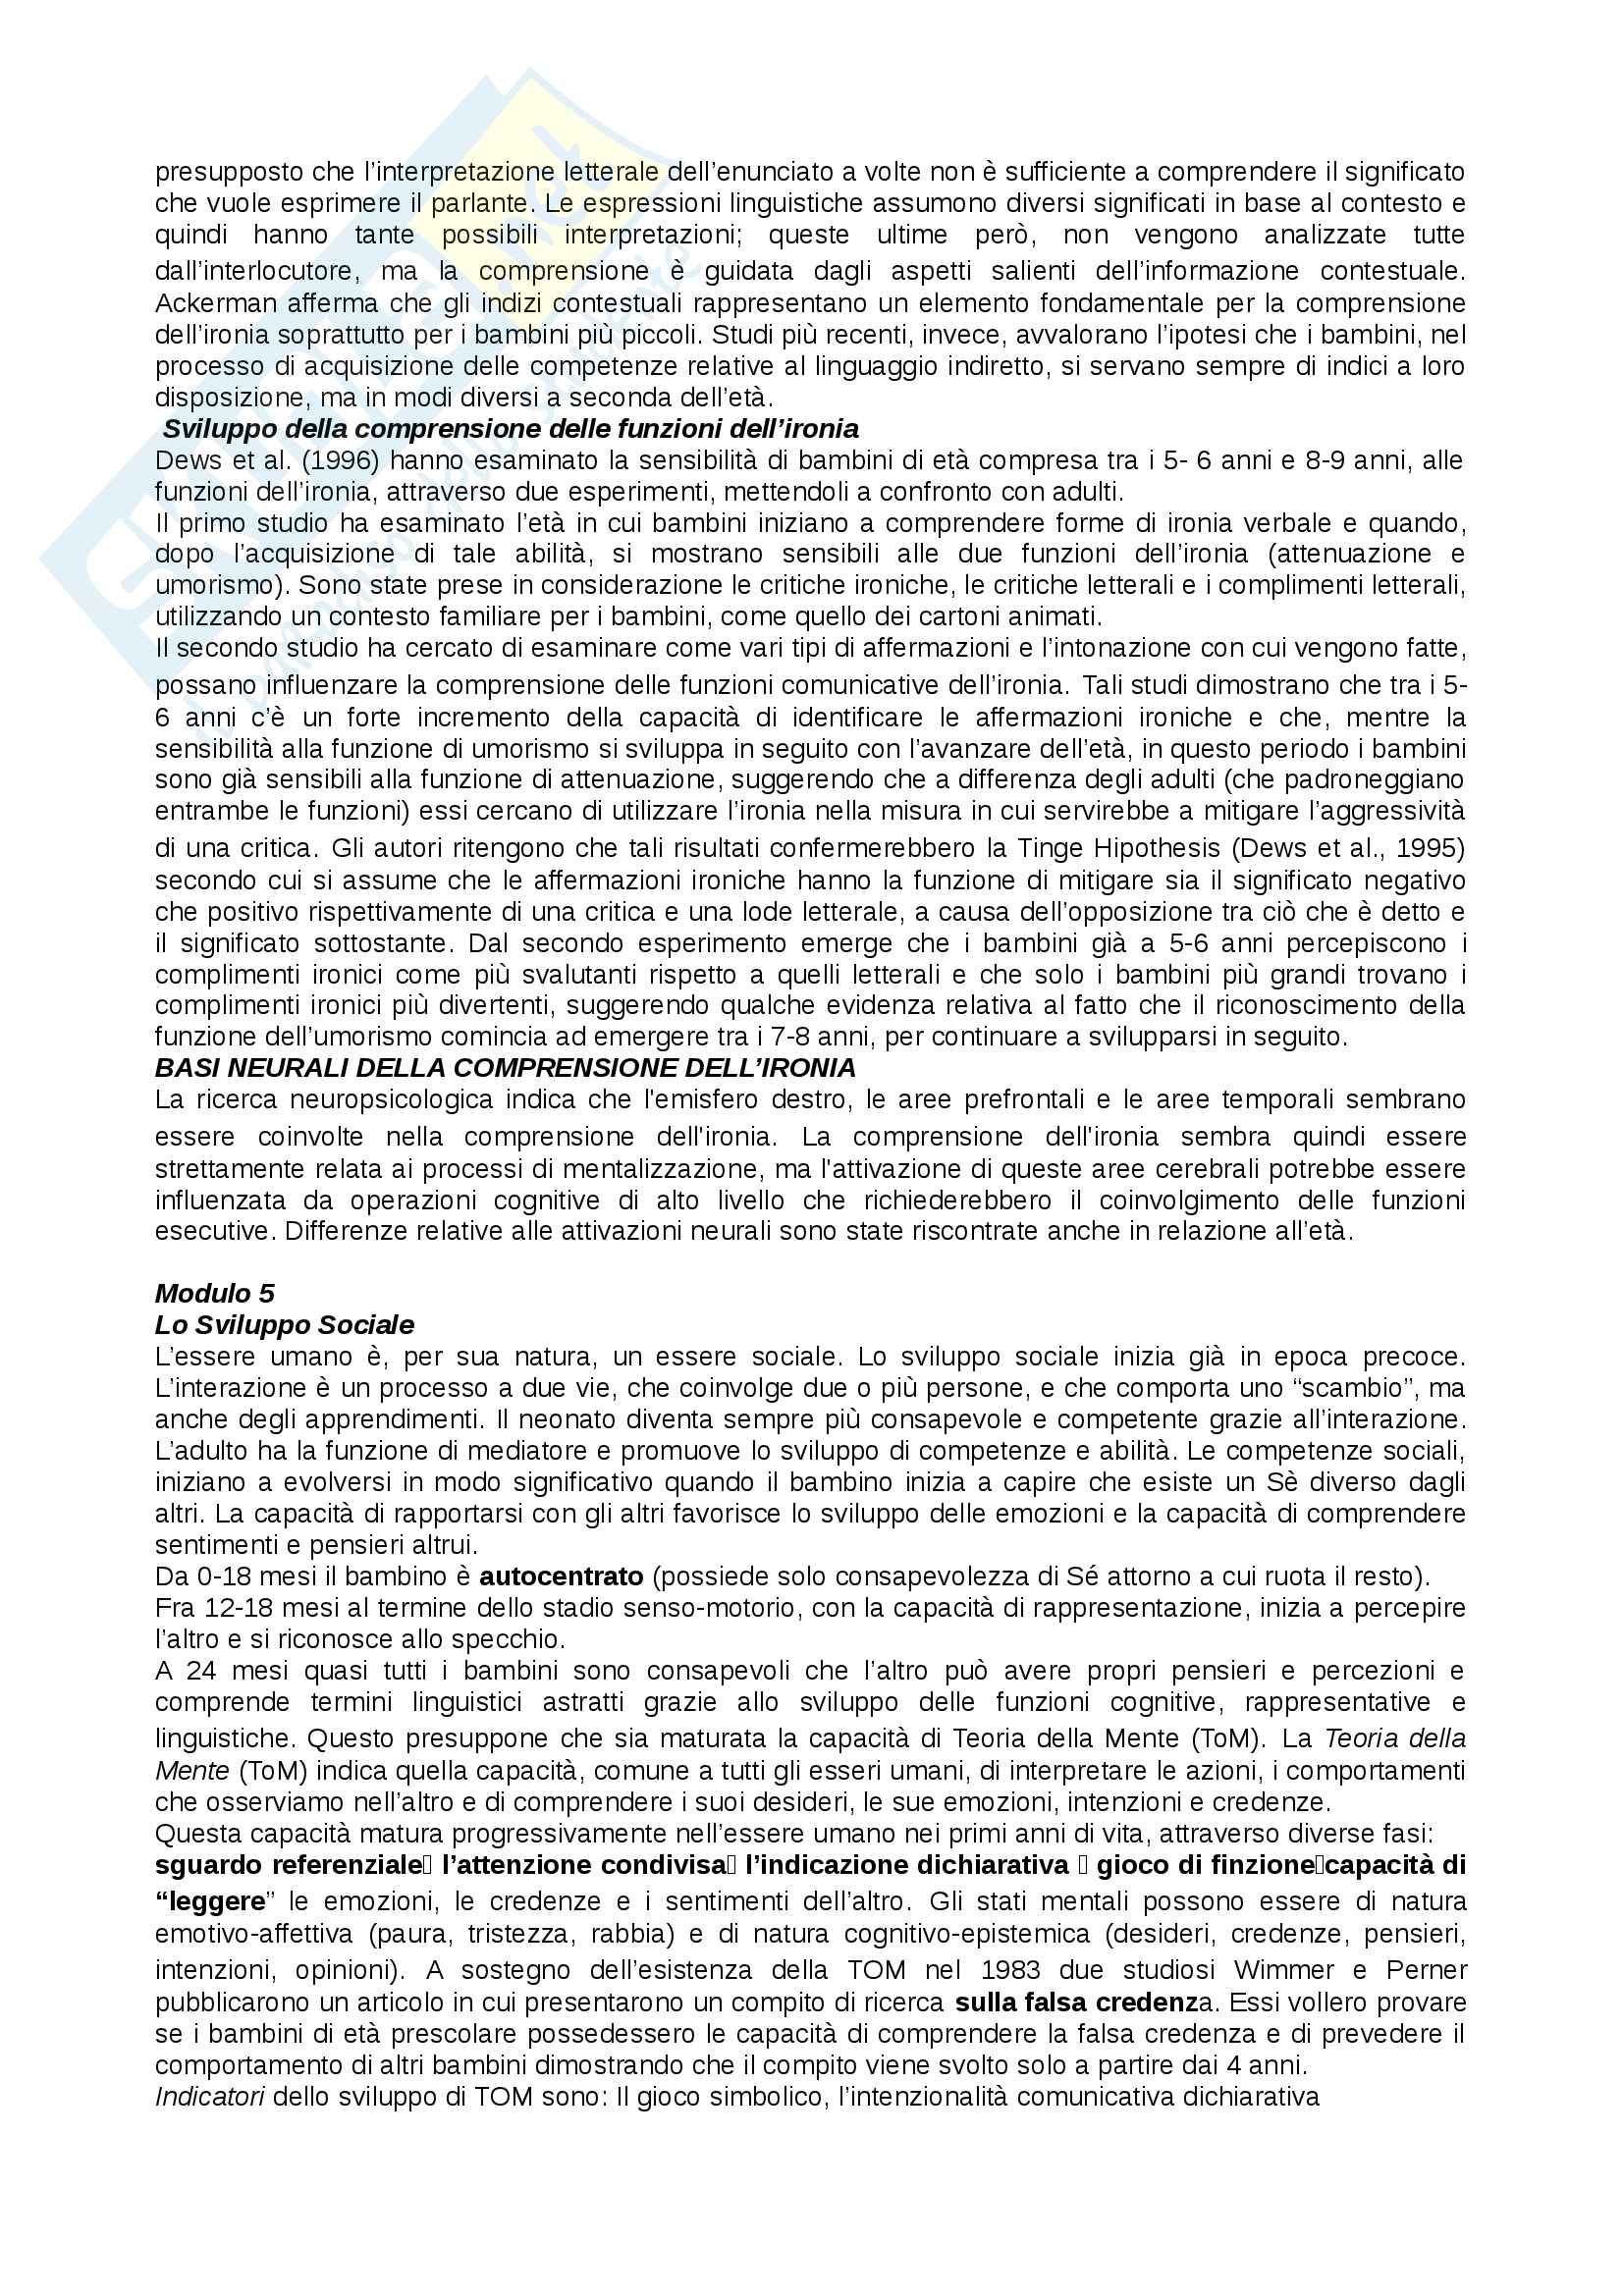 Riassunto psicologia dello sviluppo Pag. 16